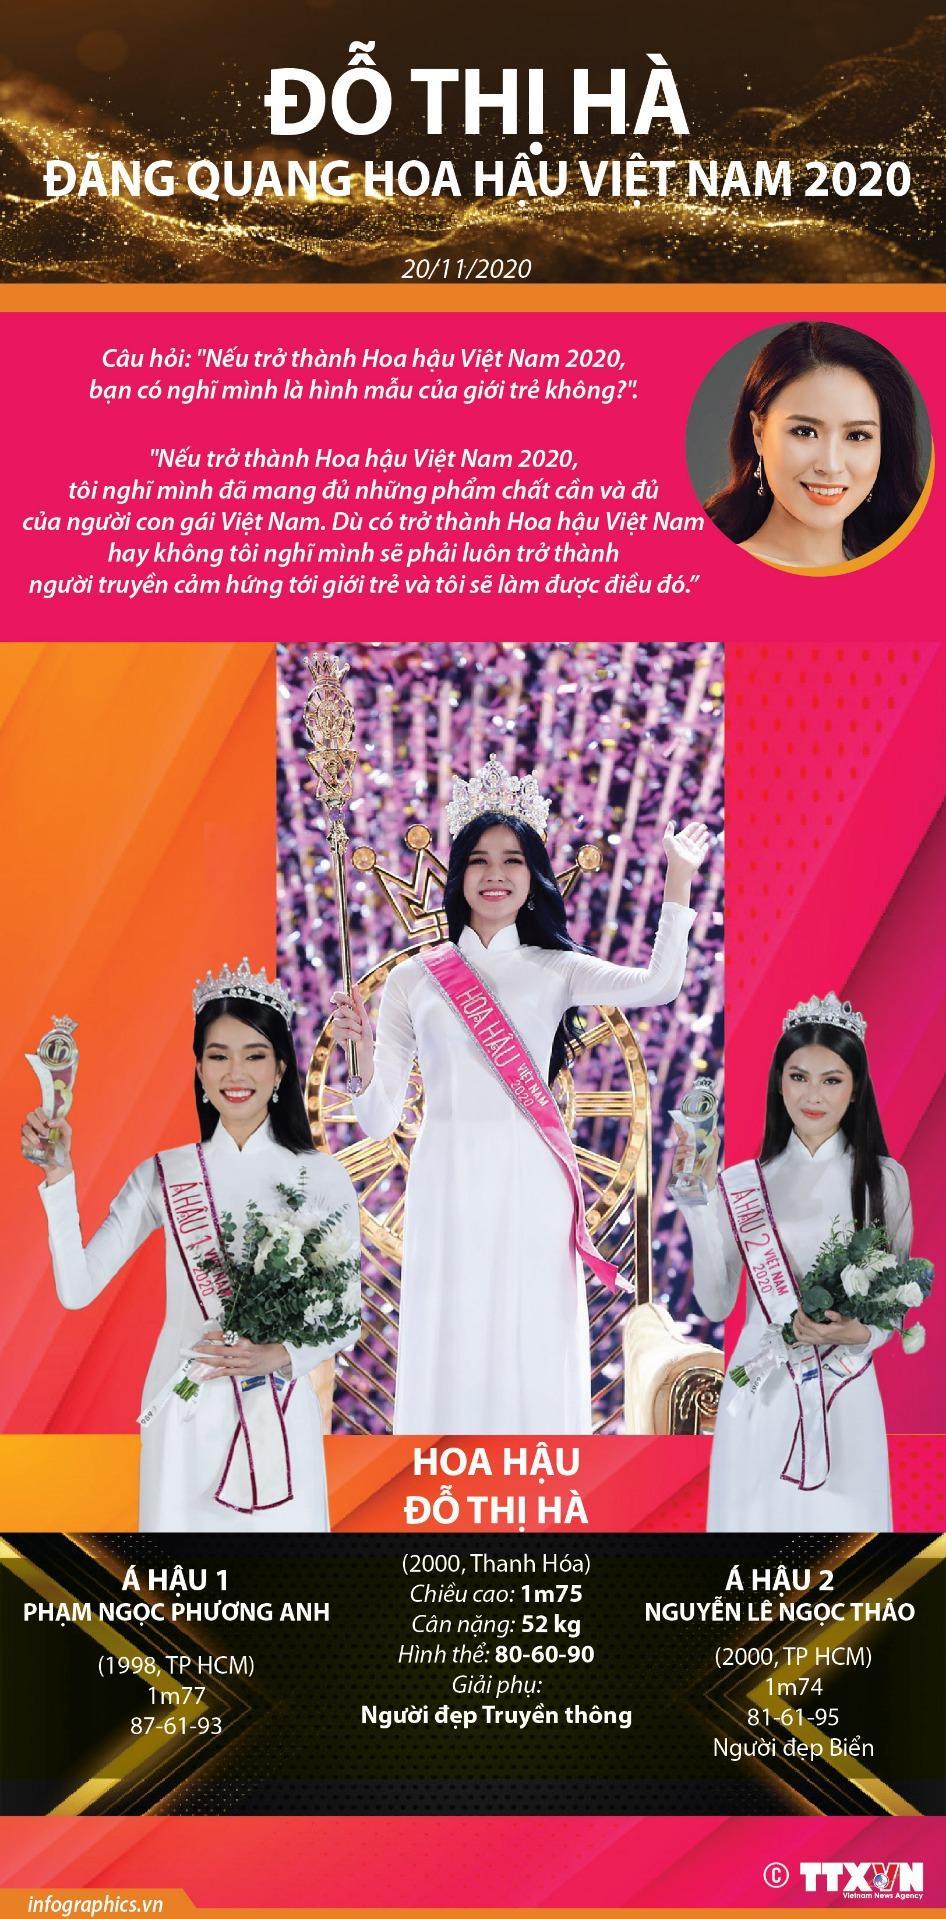 Vương miện Hoa hậu Việt Nam 2020 được trao cho thí sinh Đỗ Thị Hà đến từ Thanh Hóa